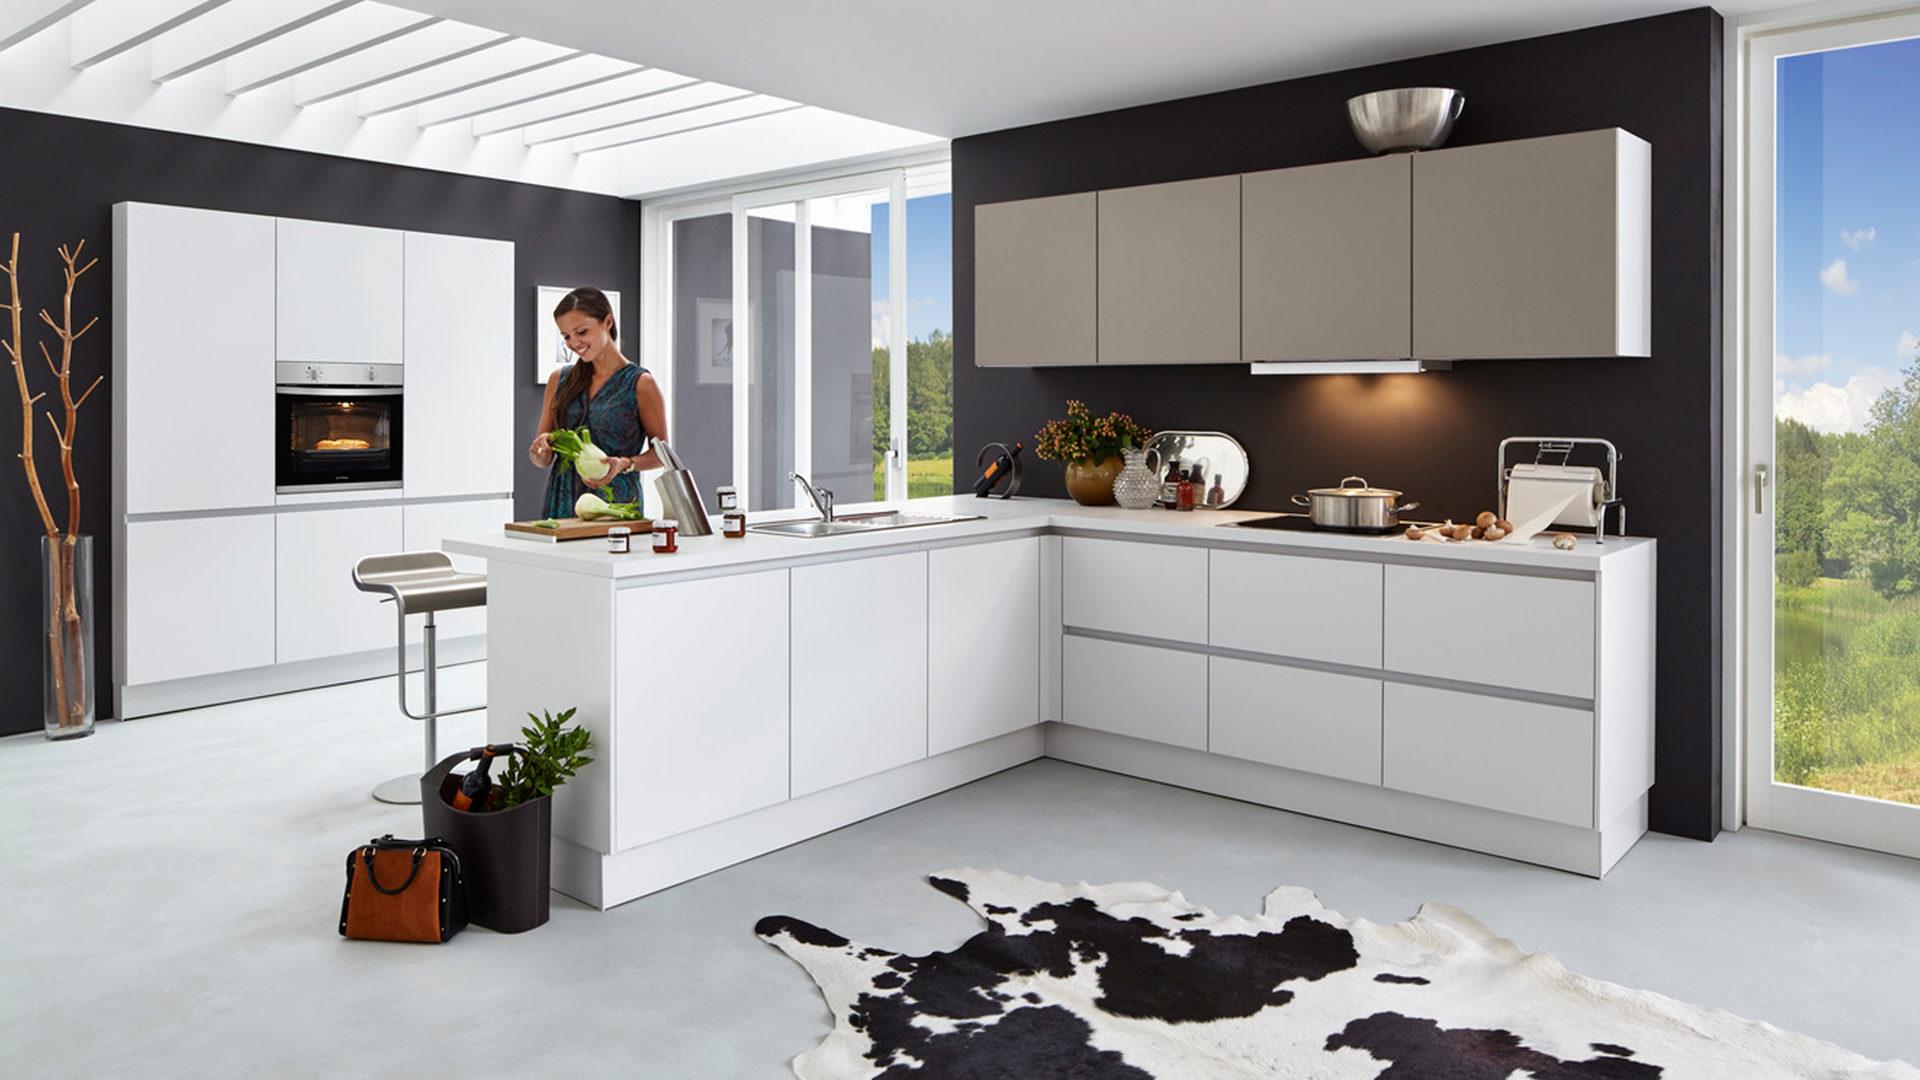 Möbel Boer Coesfeld, Möbel A-Z, Küchen, Einbauküche, Einbauküche mit ...